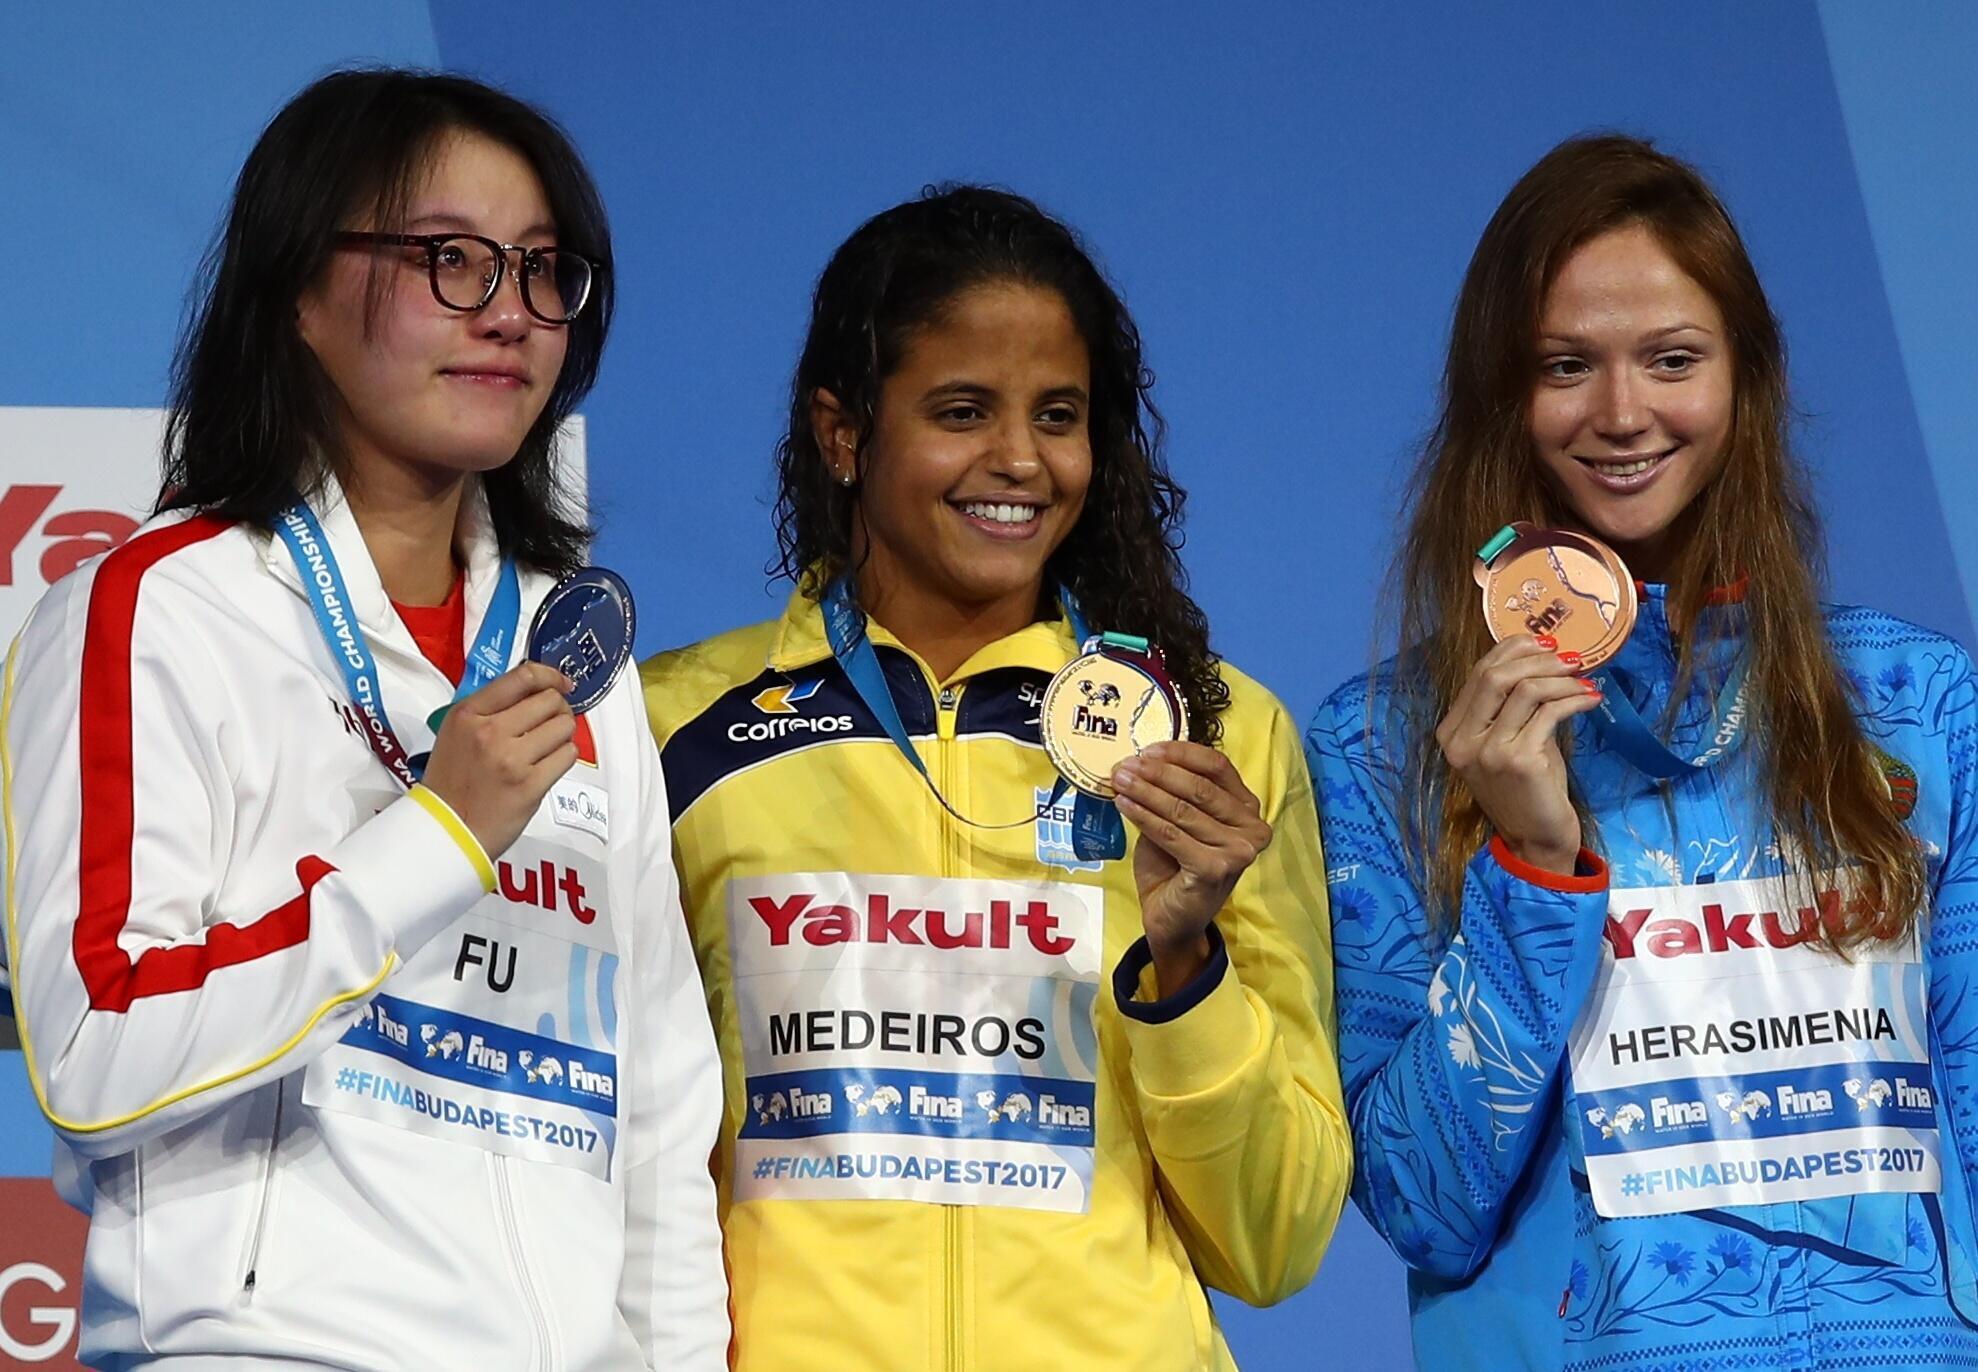 Etiene Medeiros, no centro da imagem, venceu a final da prova e quase bateu o recorde mundial.